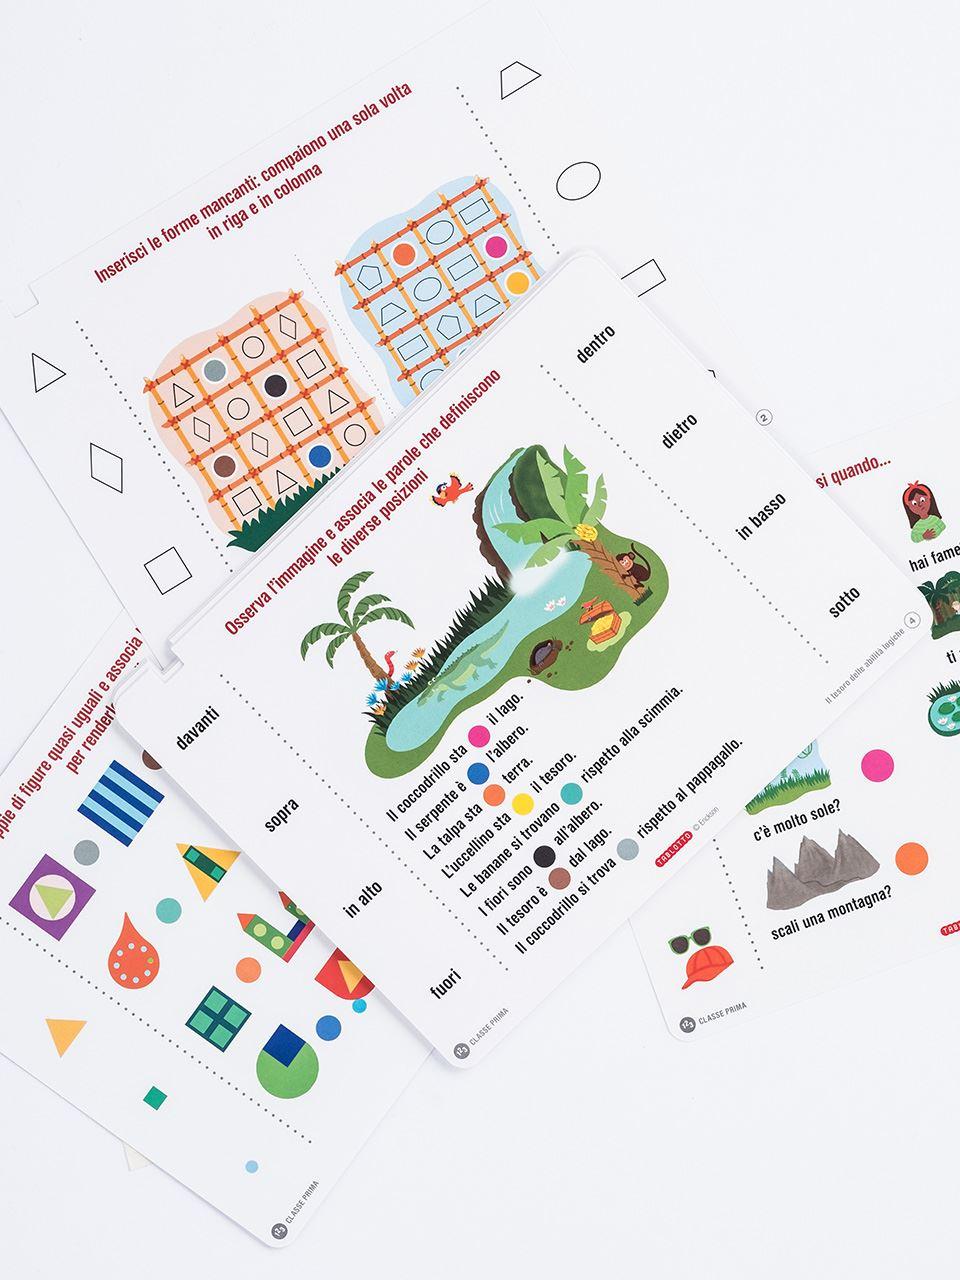 Schede per Tablotto (6-8 anni) - Il tesoro delle a - Giochi - Erickson 2